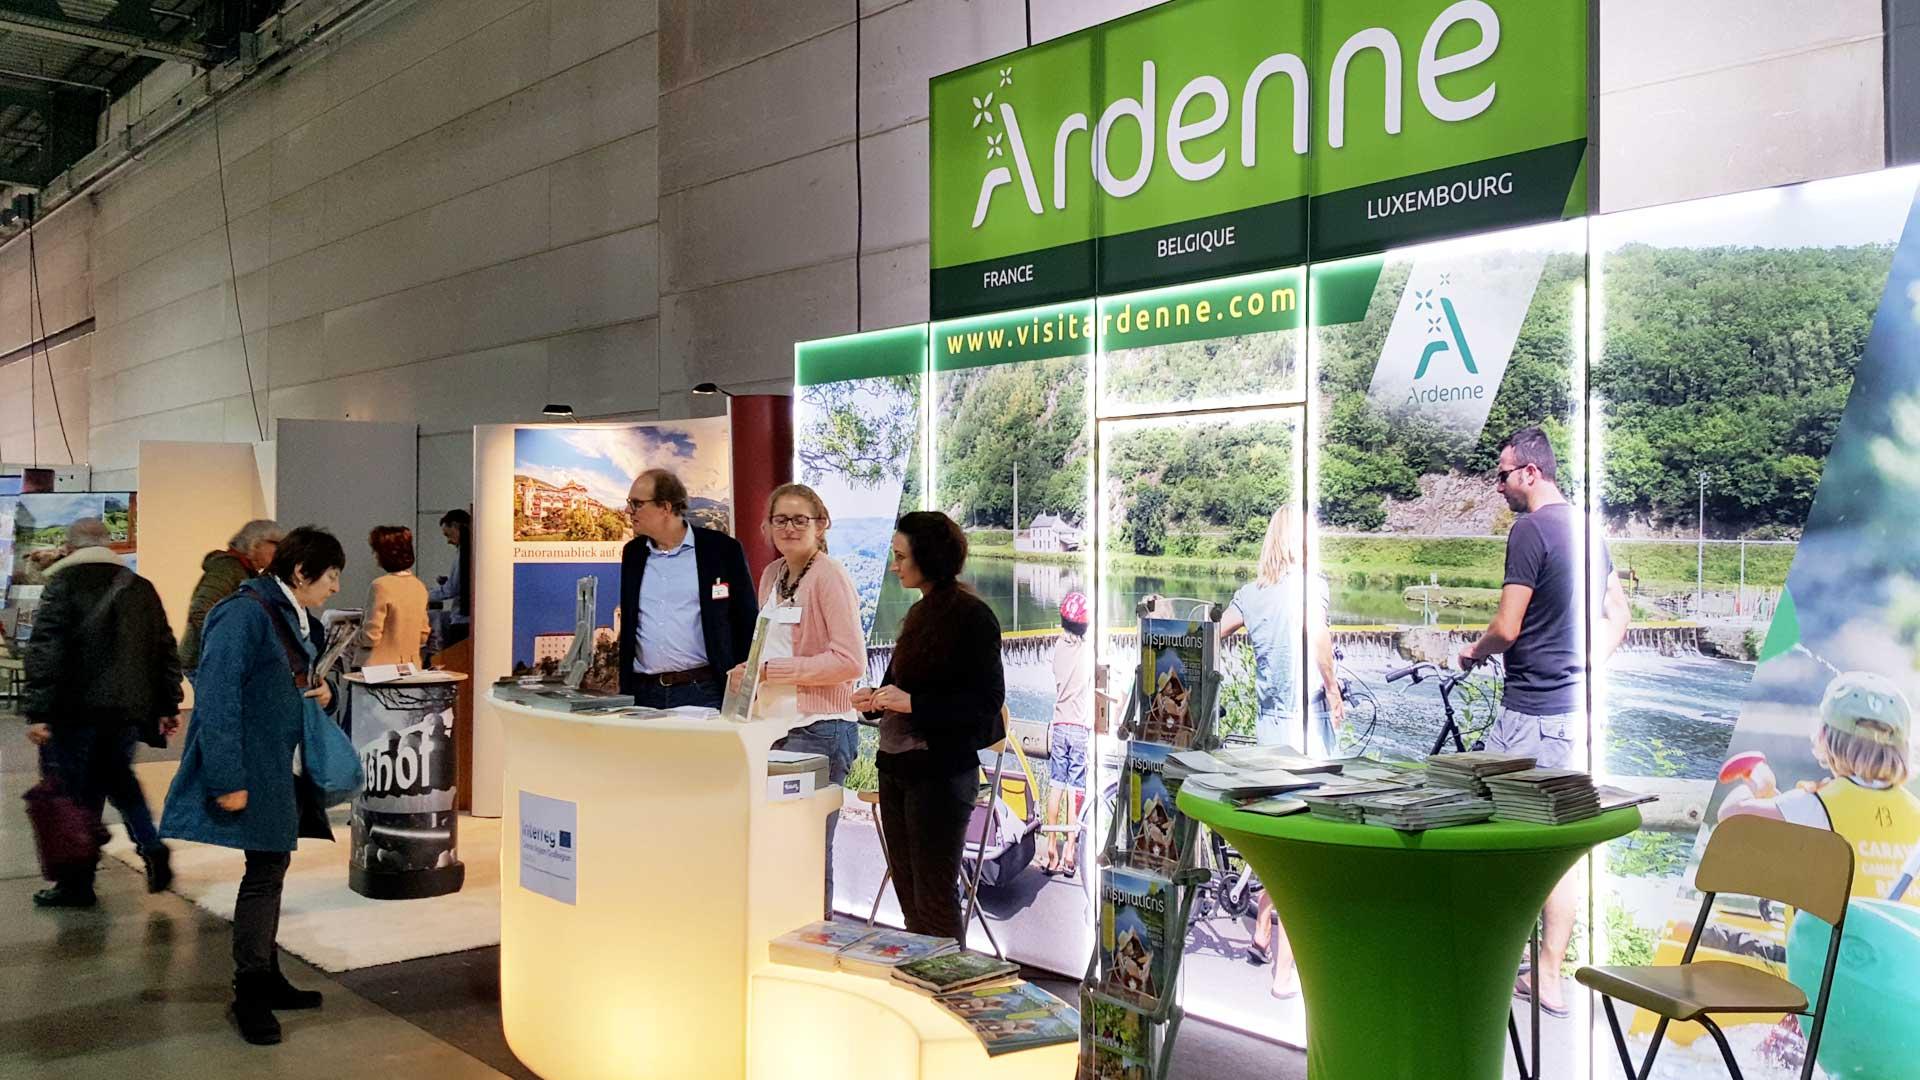 La marque Ardenne au Salon Vazkanz au Luxembourg en 2018